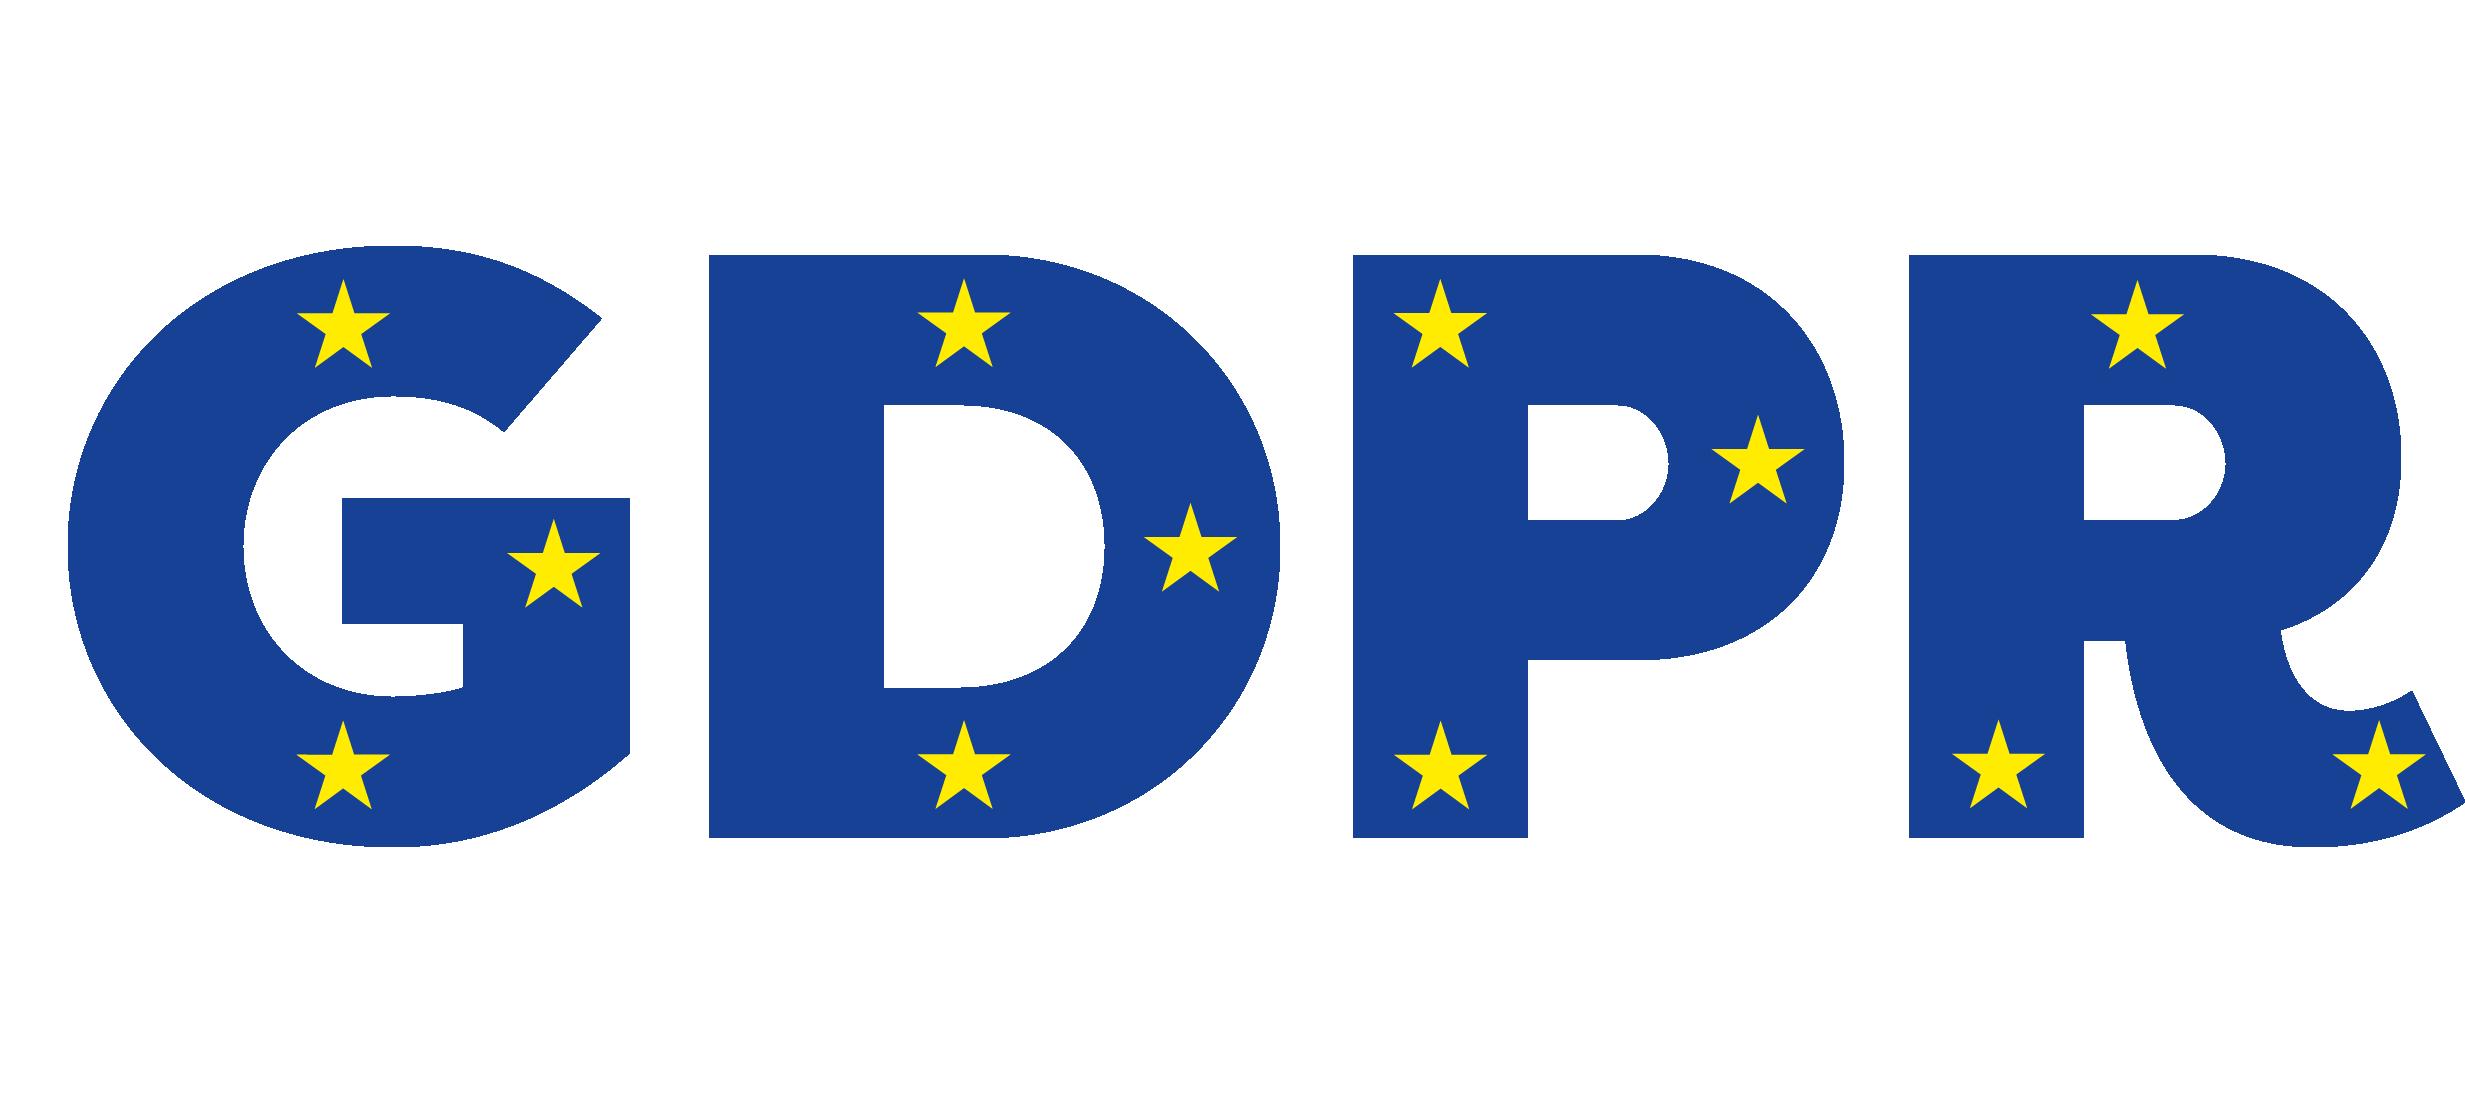 Risorse Umane: il GDPR è il tema dei prossimi mesi